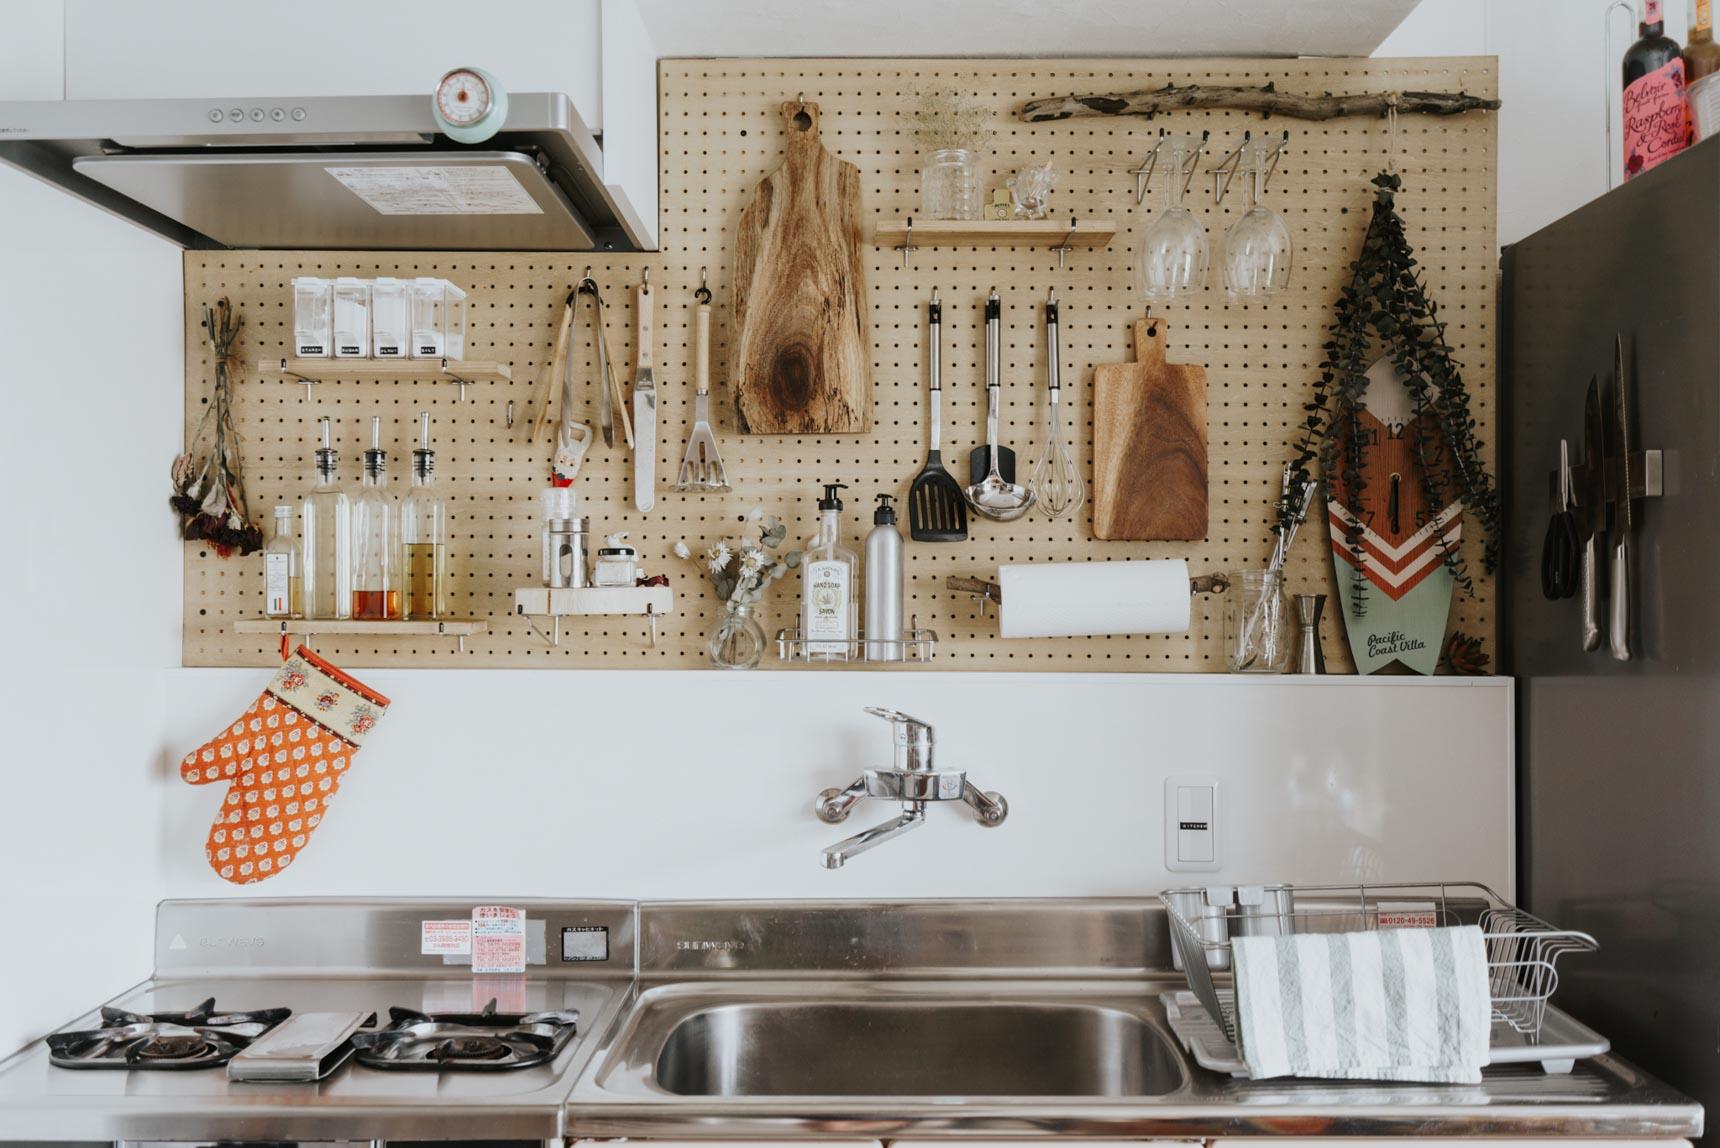 ディアウォールと有孔ボードをつかって作った、オリジナルのキッチン収納。便利なだけでなく、見ているだけで楽しい気持ちに(このお部屋はこちら)